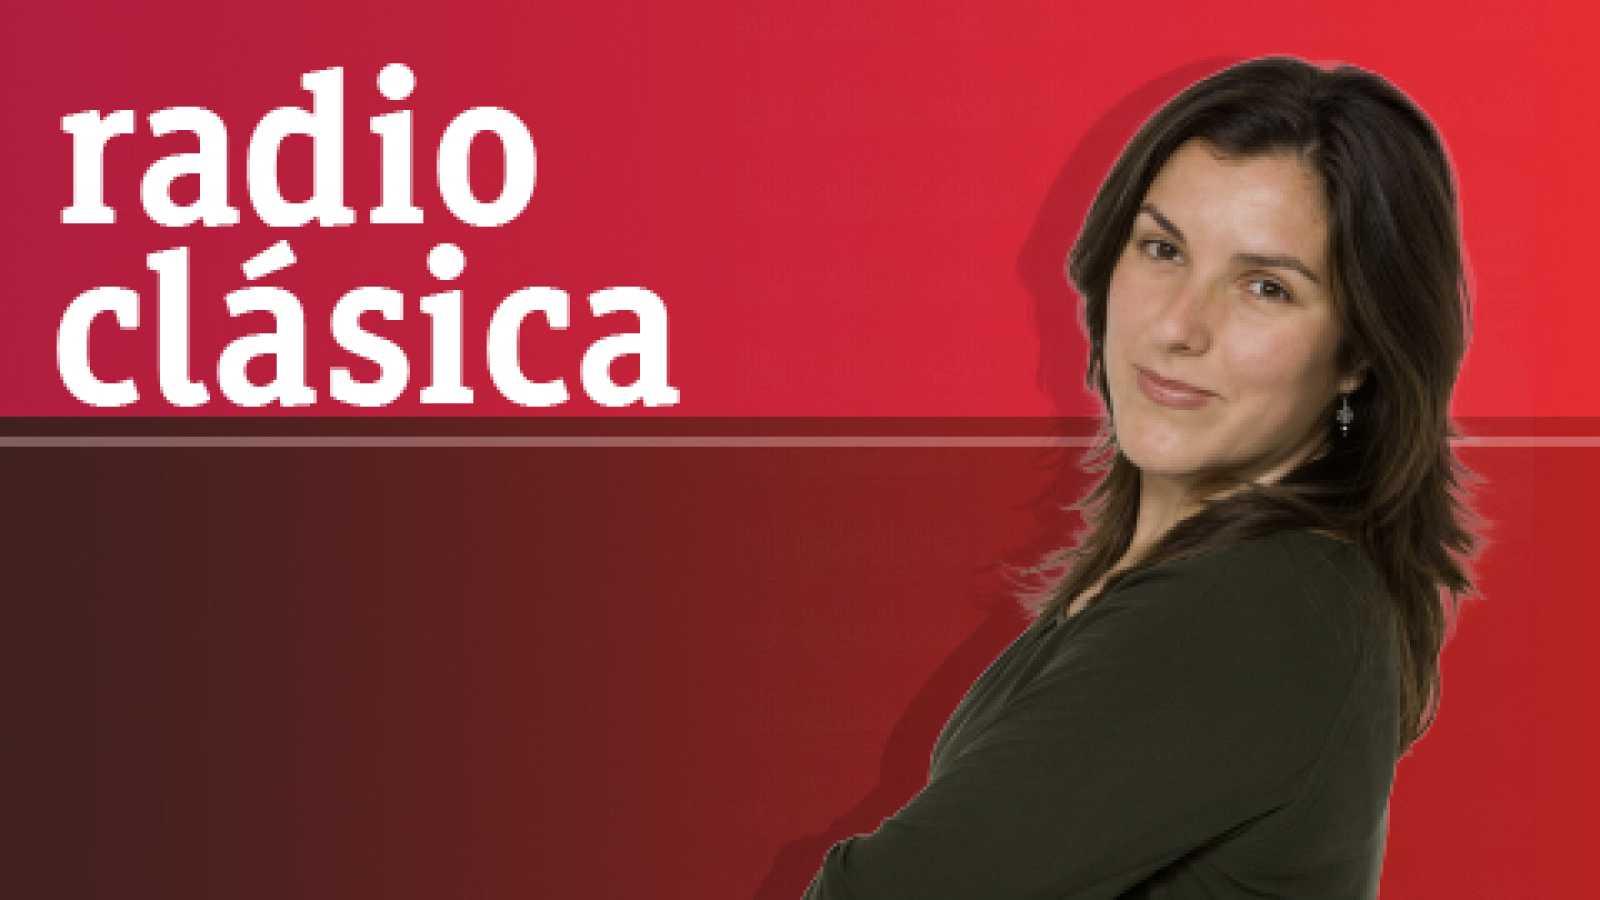 Los clásicos - Hasta el apuntador - 17/09/12 - Escuchar ahora